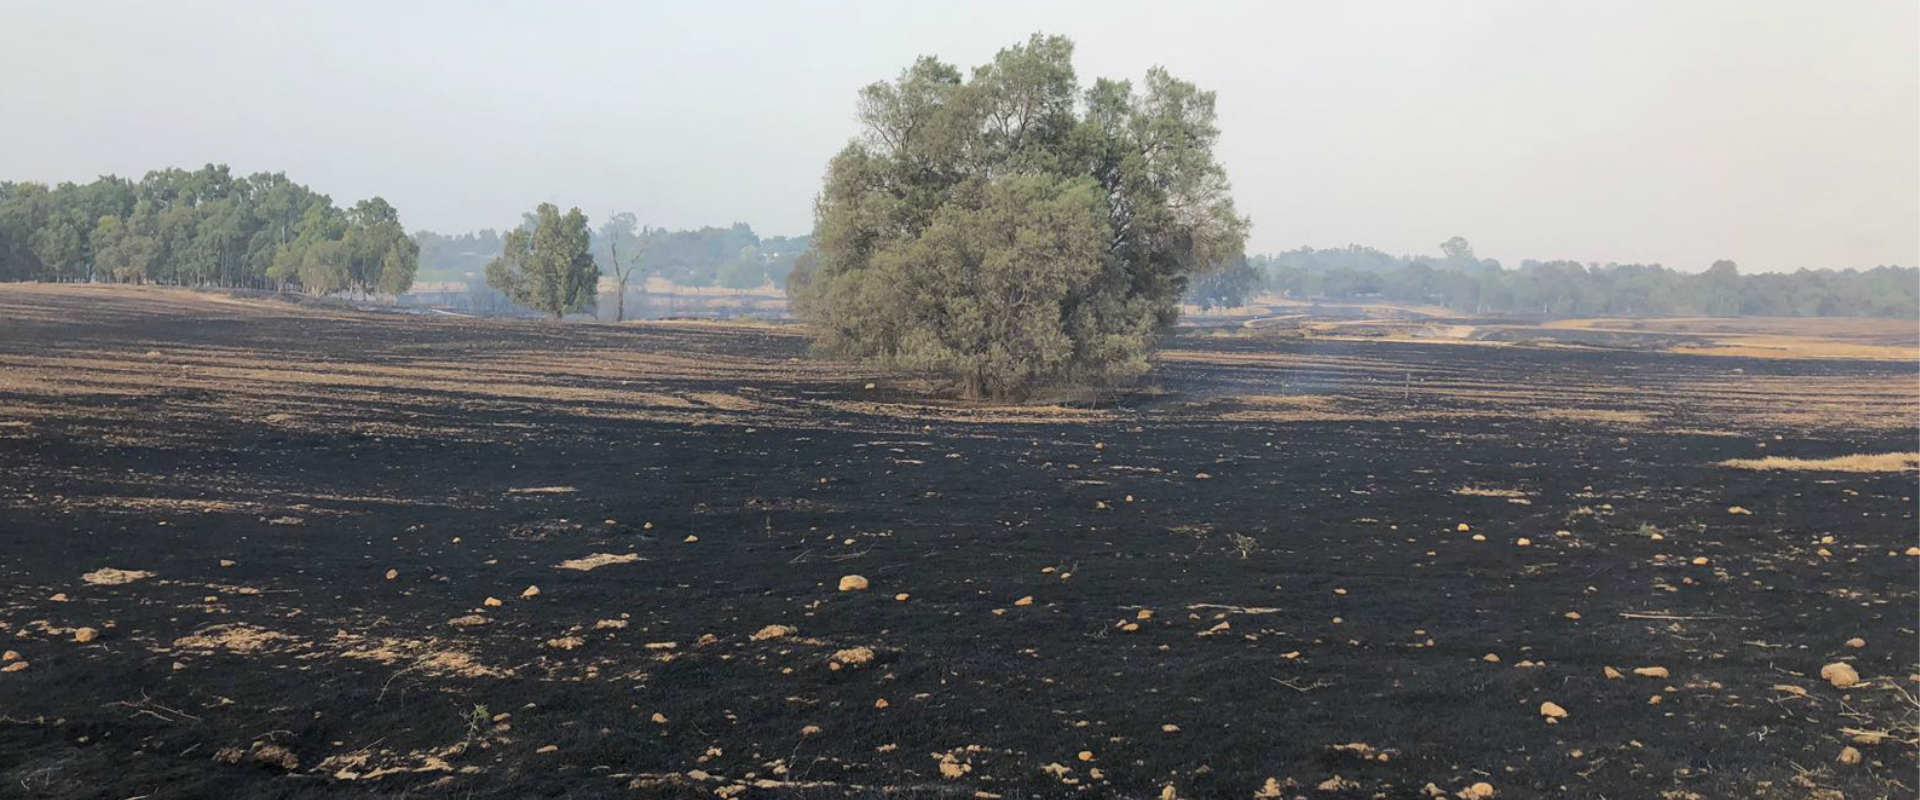 אזור שעלה באש במועצה האזורית אשכול, היום